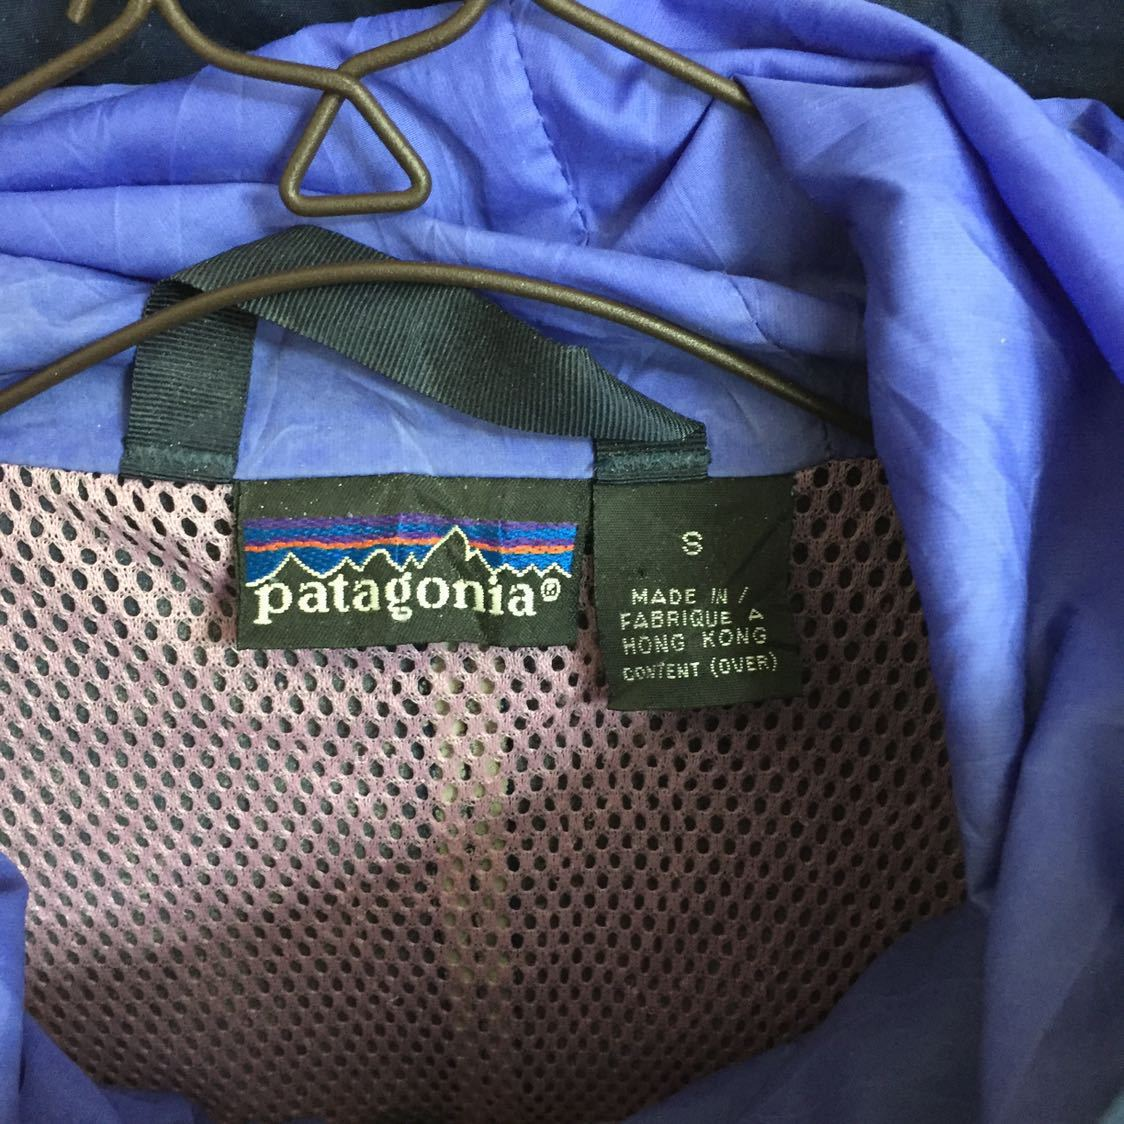 Patagonia パタゴニア ナイロンジャケット マウンテンパーカー ライトアウター アウトドア 90s メンズ Lサイズ 紺 ネイビー USA 海外仕入れ_画像3